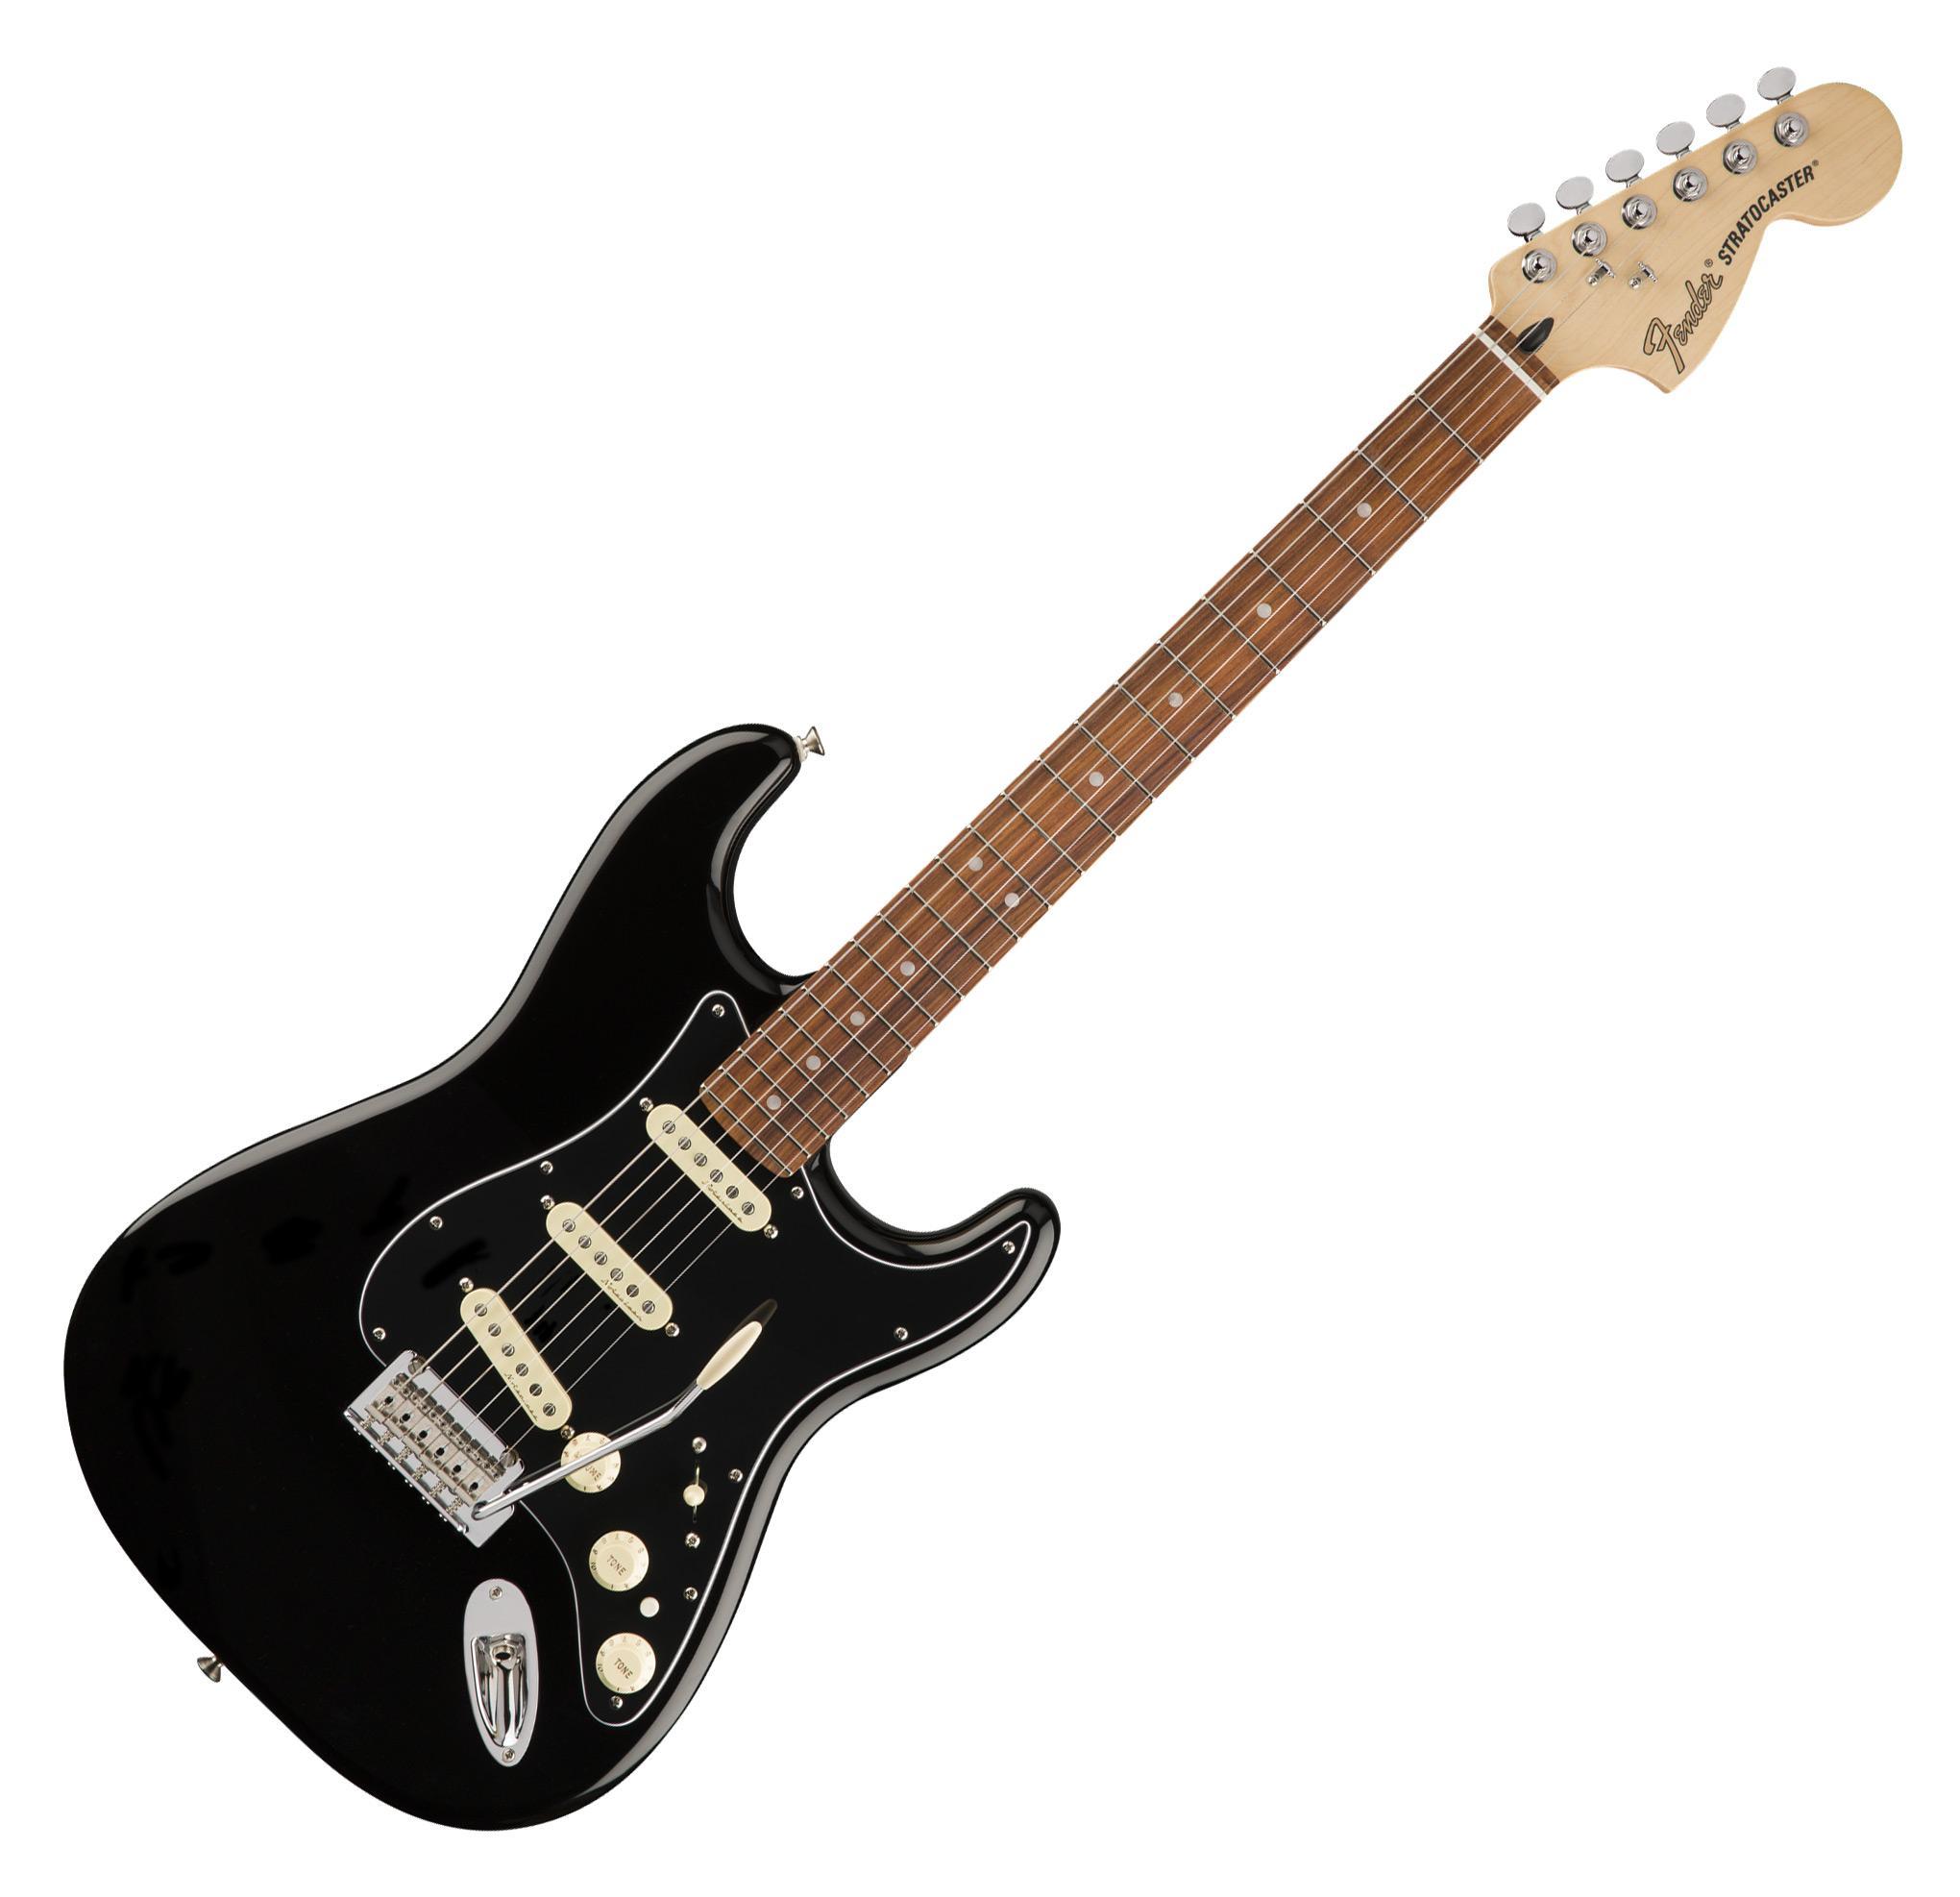 Egitarren - Fender Deluxe Strat PF BLK - Onlineshop Musikhaus Kirstein